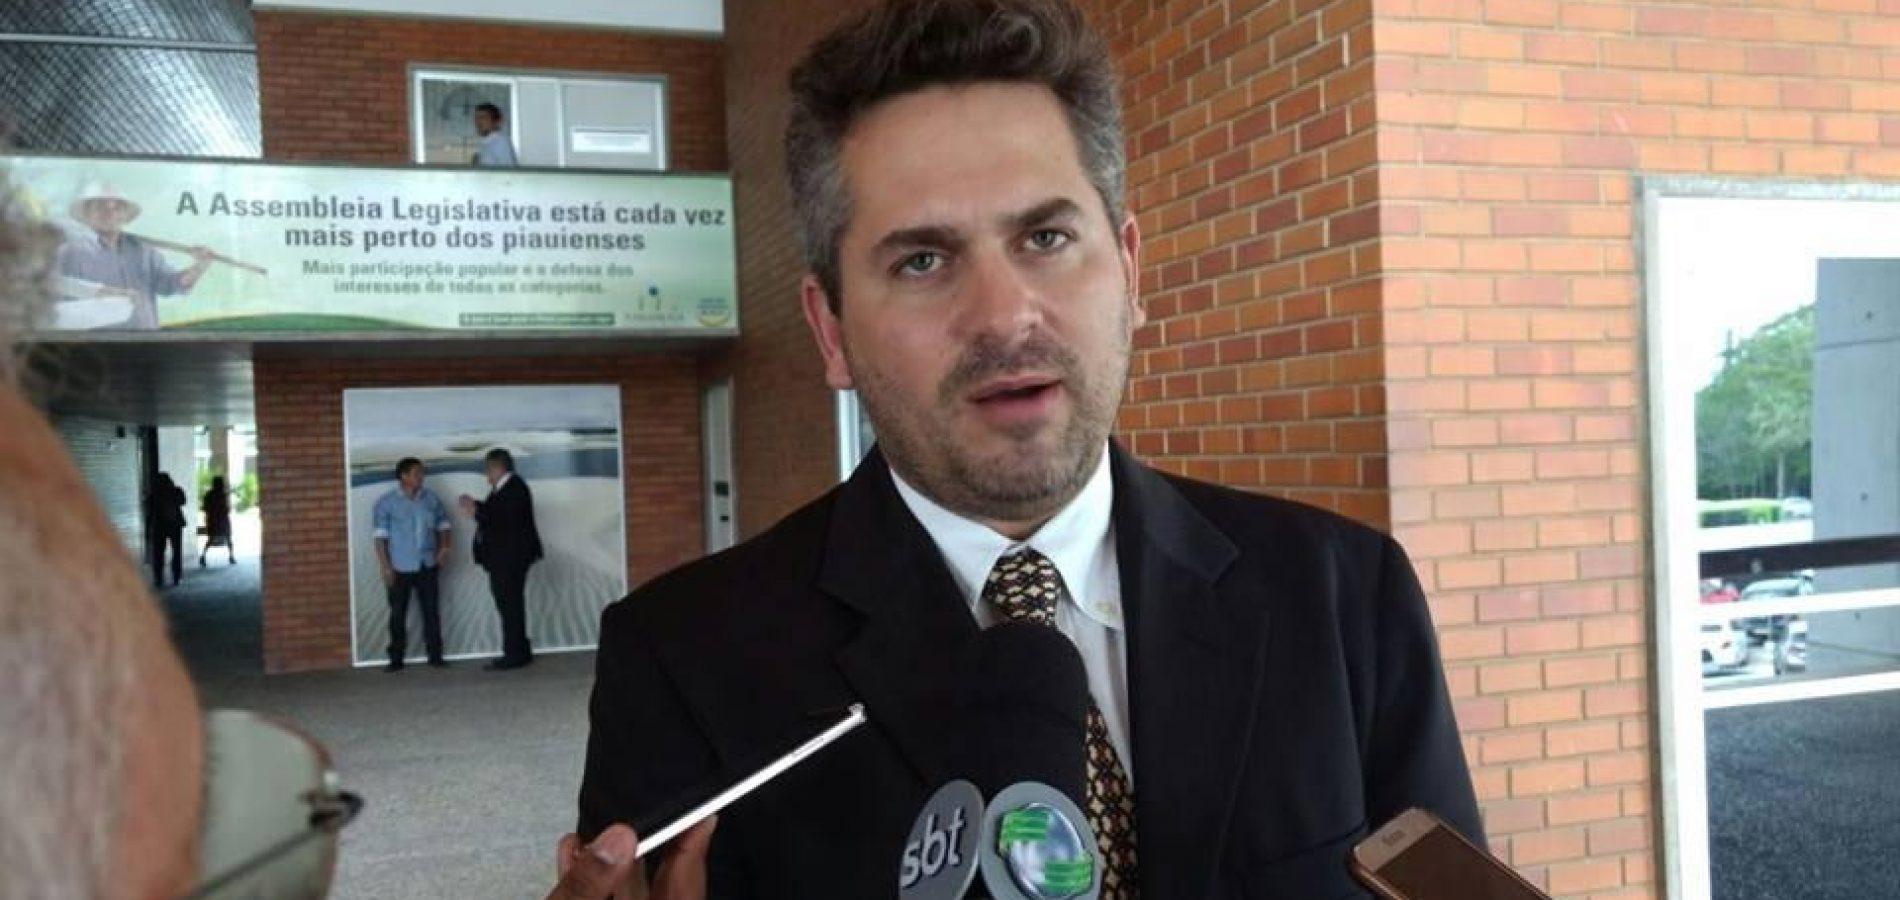 PICOS | Pablo Santos revela que médicos receberão salário por maior produtividade no HRJL